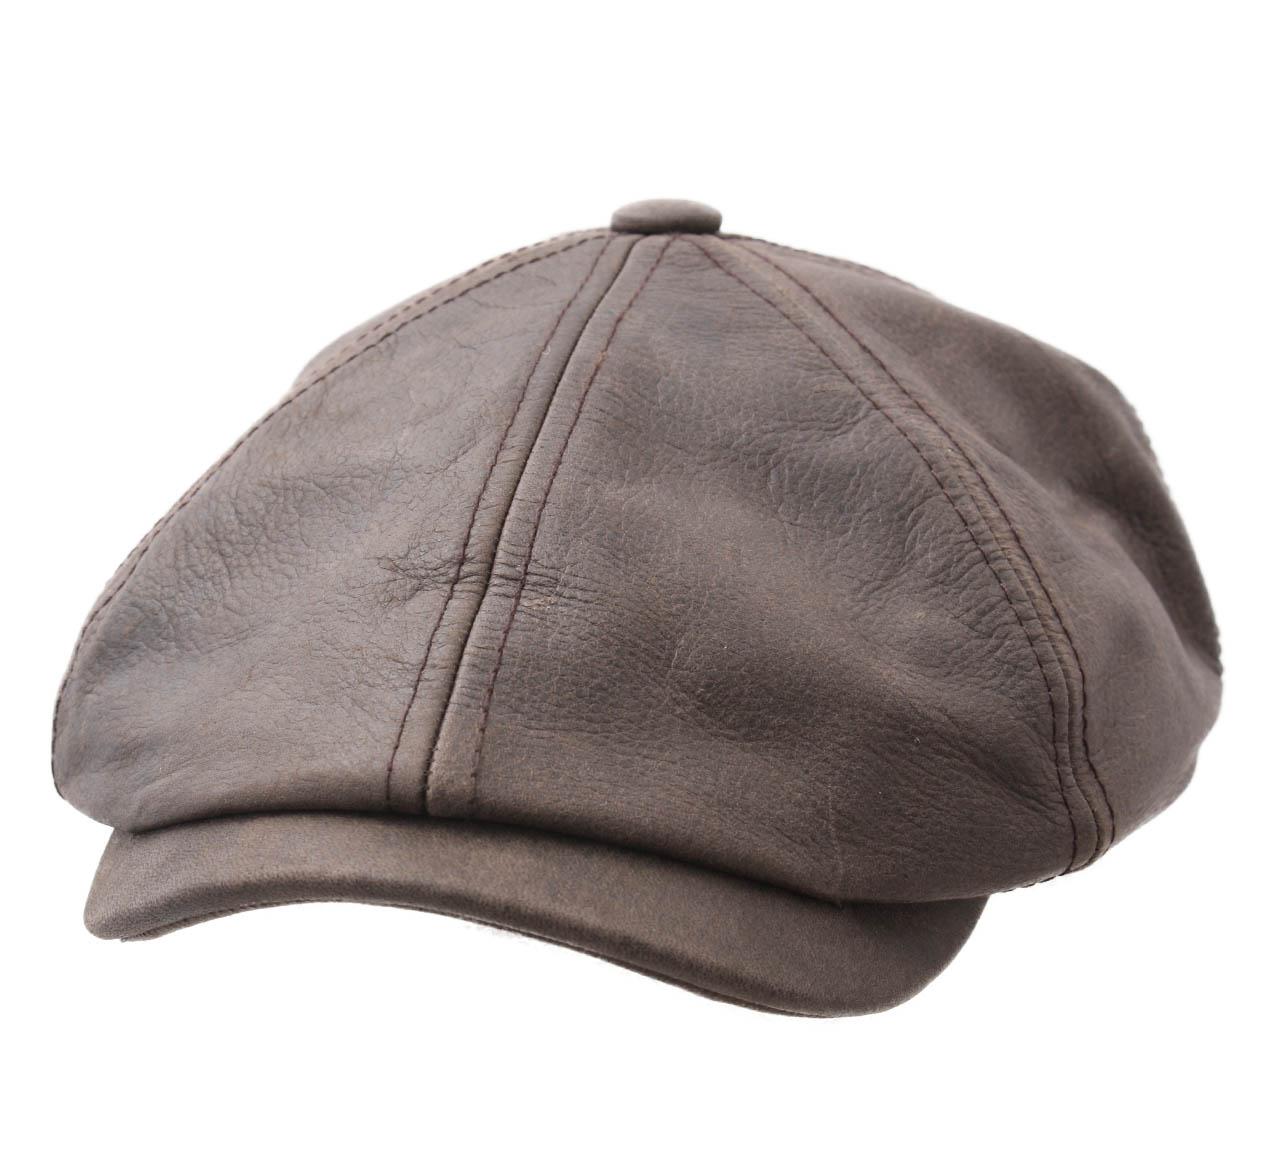 casquette hatteras cuir stetson cap cowhide casquette. Black Bedroom Furniture Sets. Home Design Ideas